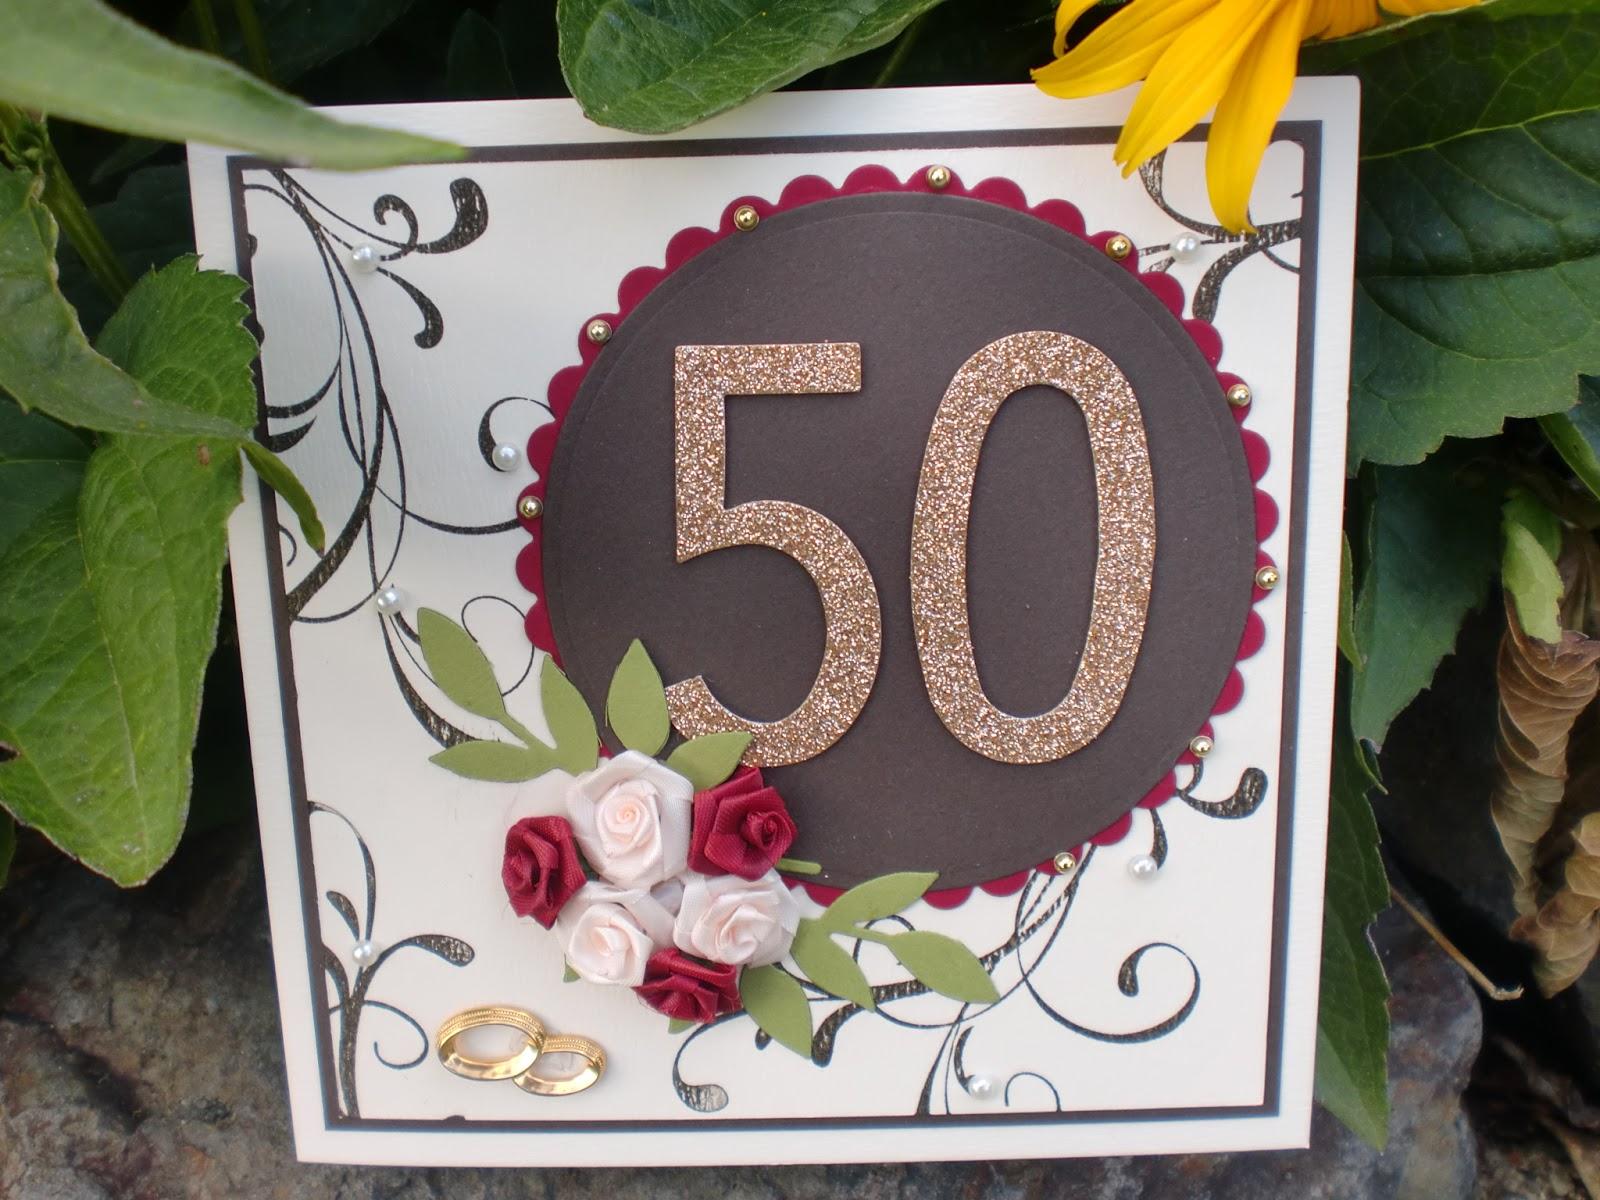 Kartenzauber : 50 Jahre Eheleben